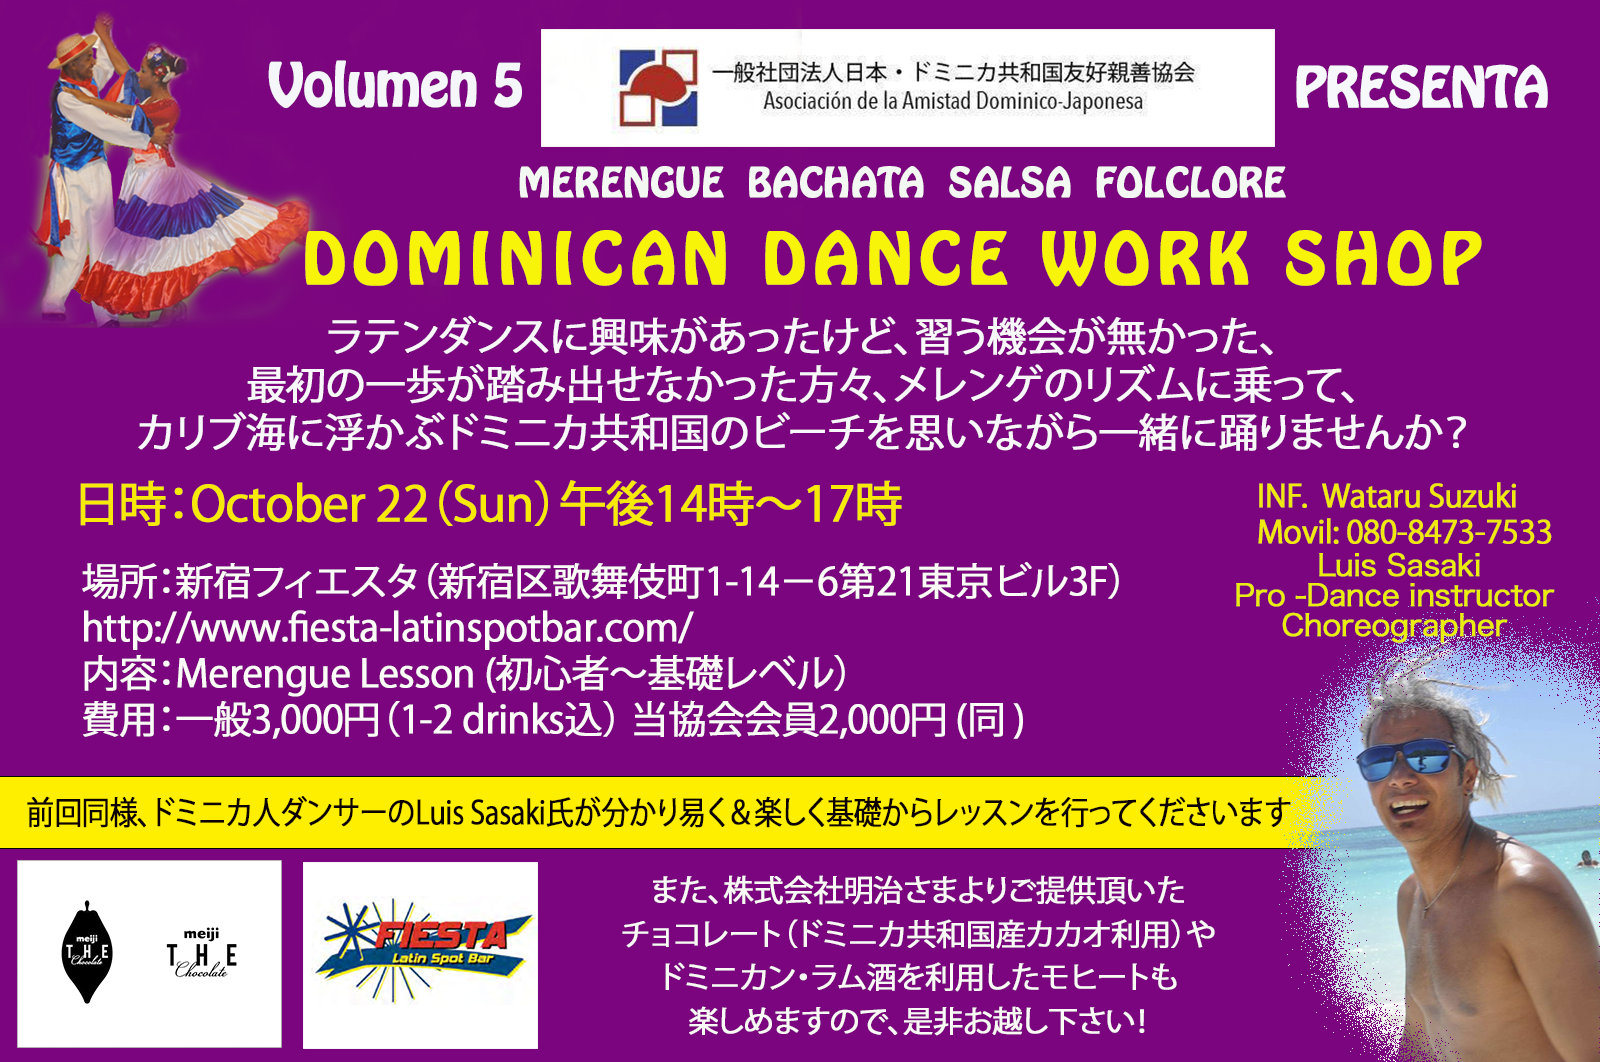 第五回ドミニカンダンス・ワークショップ開催のお知らせ!(5to Taller de Baile Dominicano: merengue y bachata)